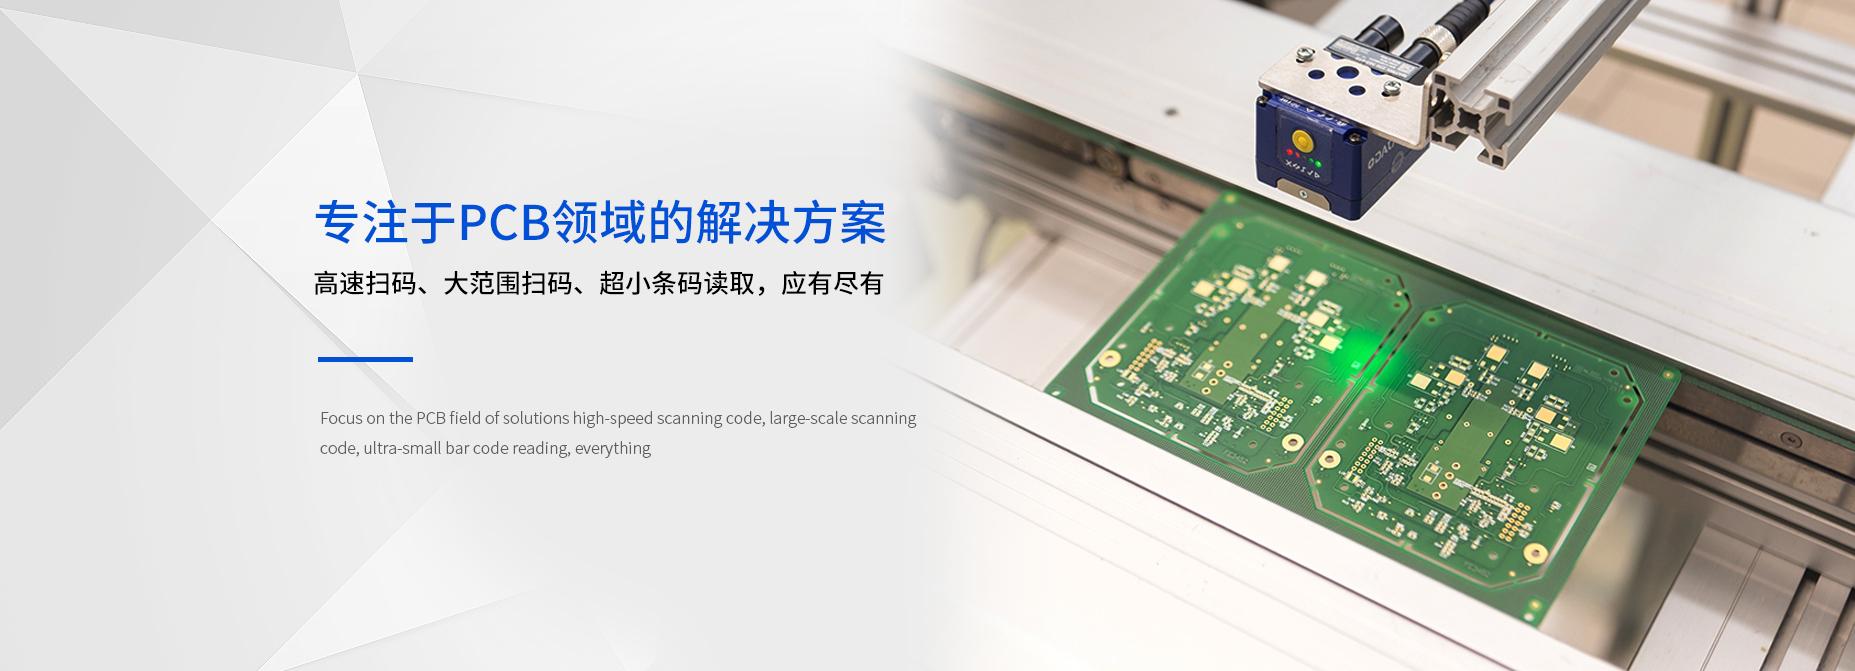 PCB扫码